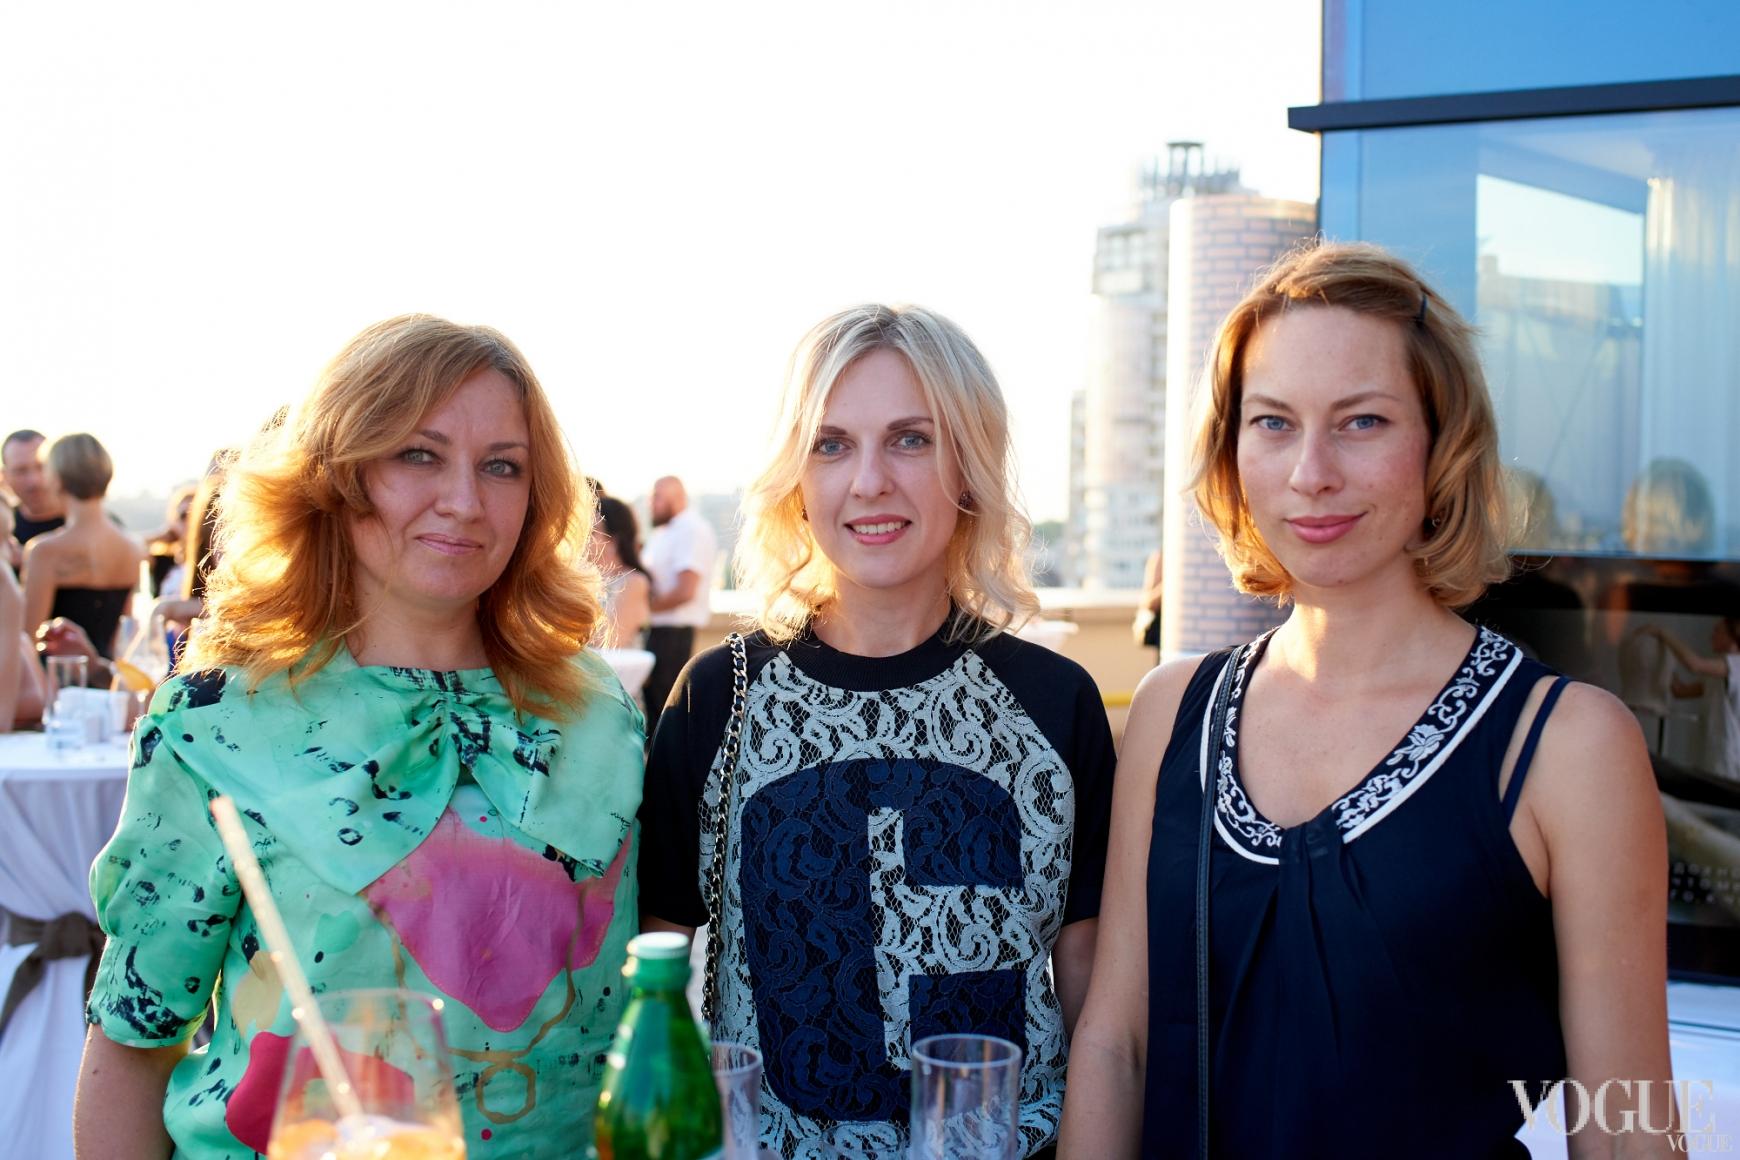 Светлана Швец, Юлия Костецкая и Татьяна Радченко